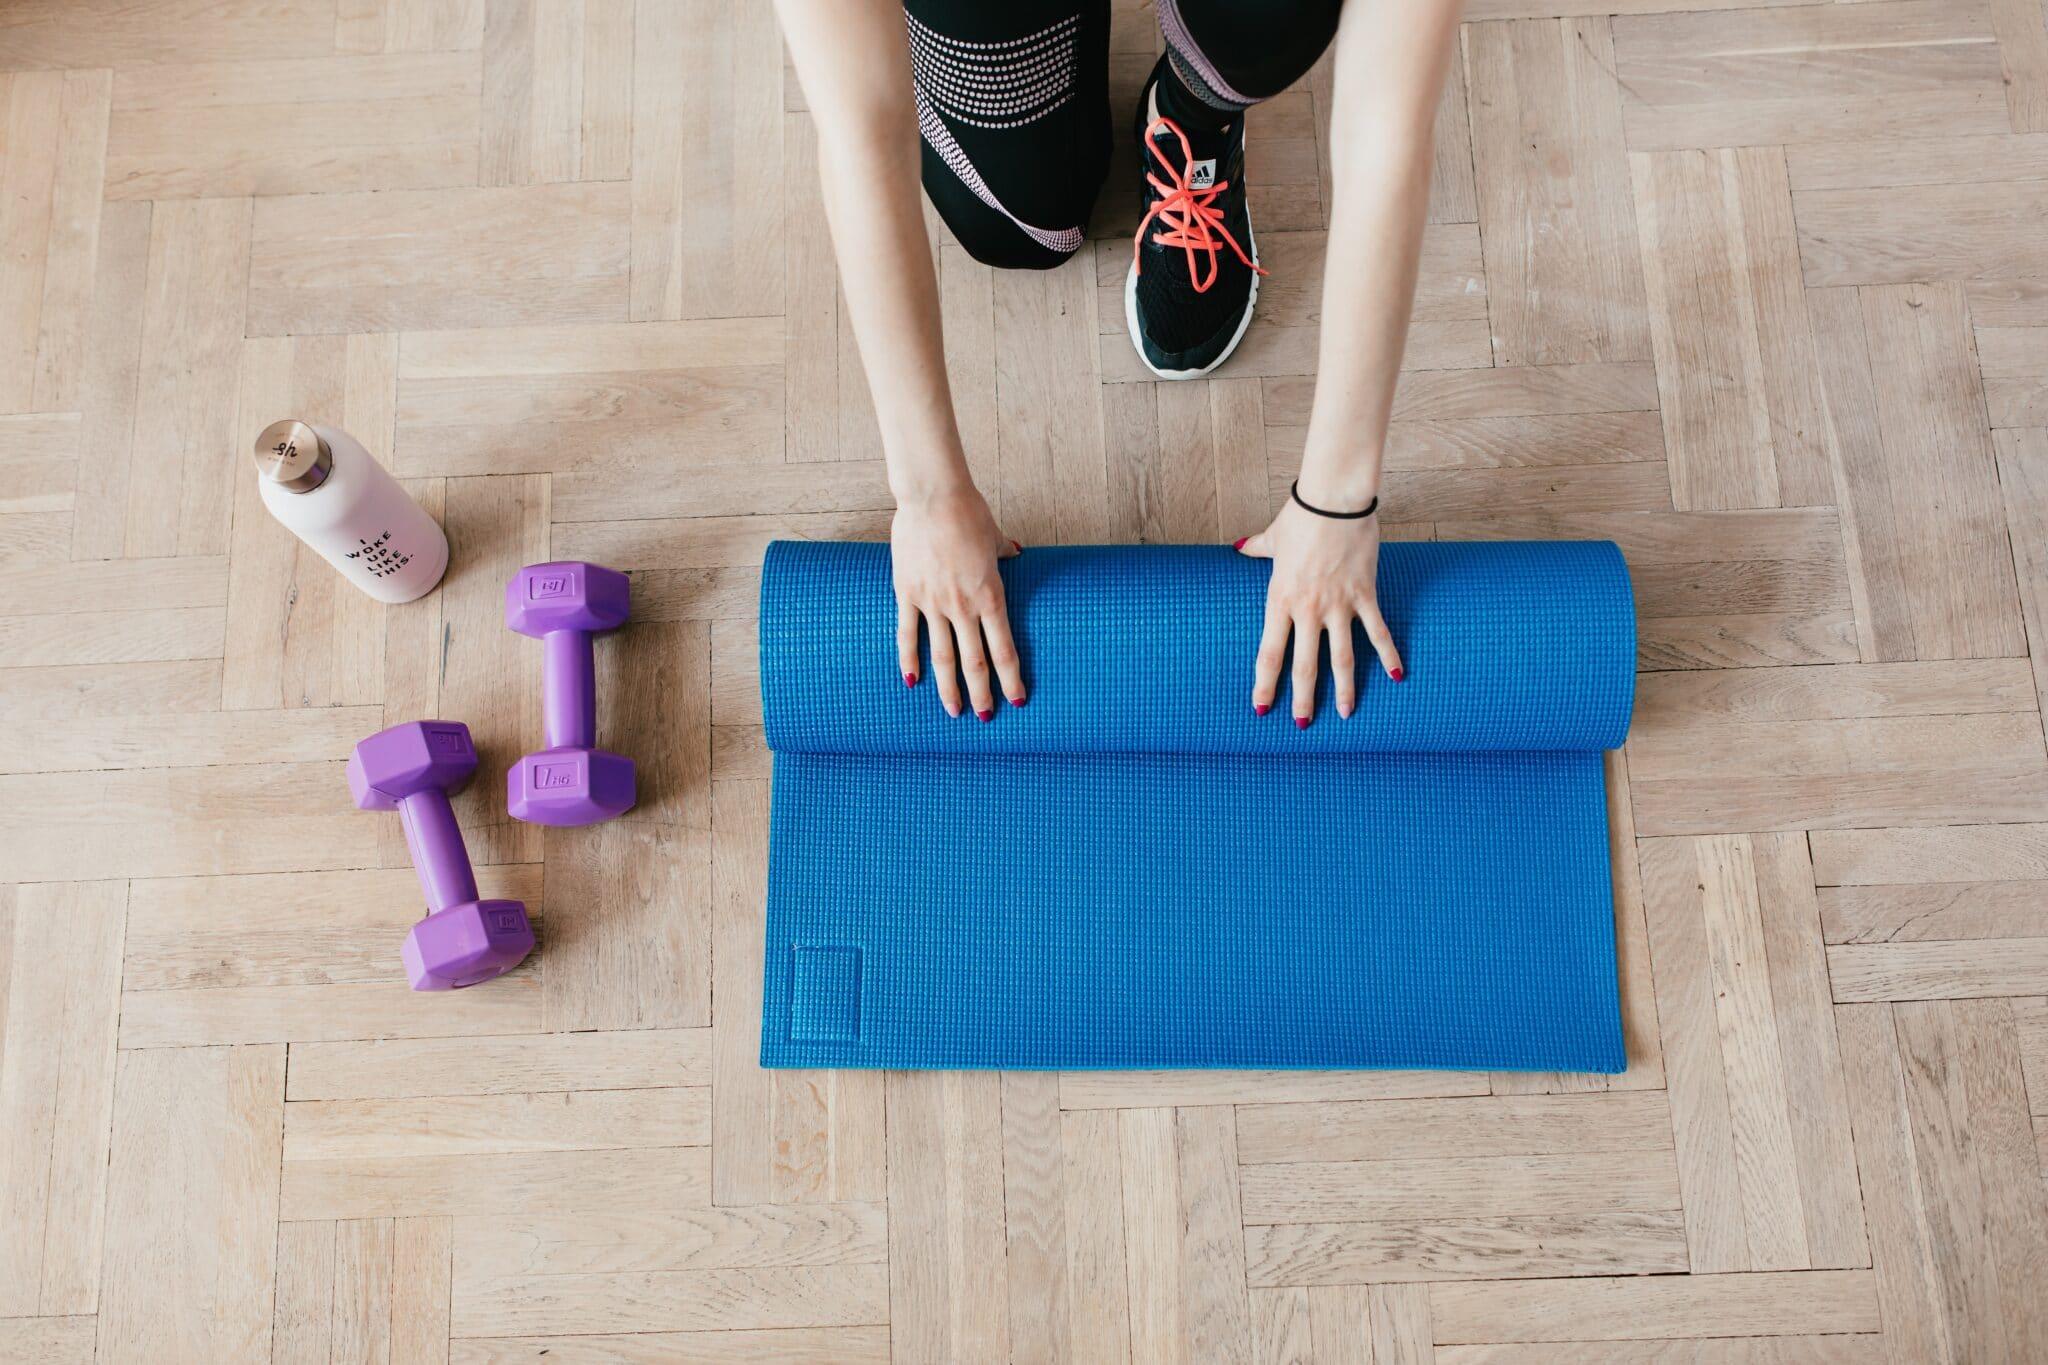 fazer exercício na quarentena